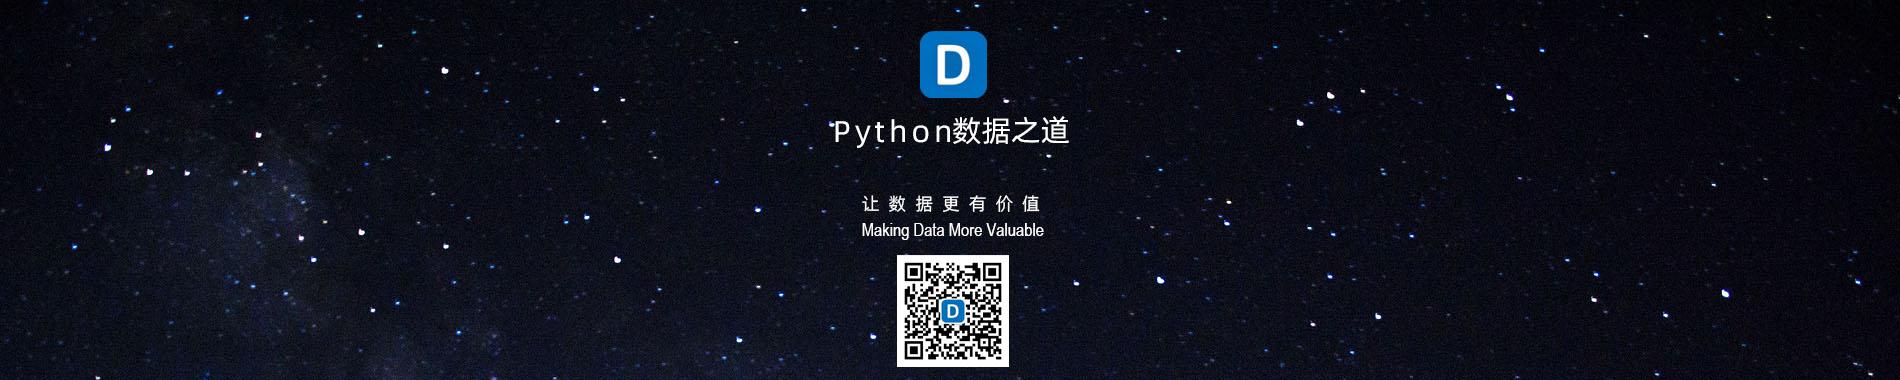 在Pycharm 等编辑器下使用Python 可视化神器Plotly Express